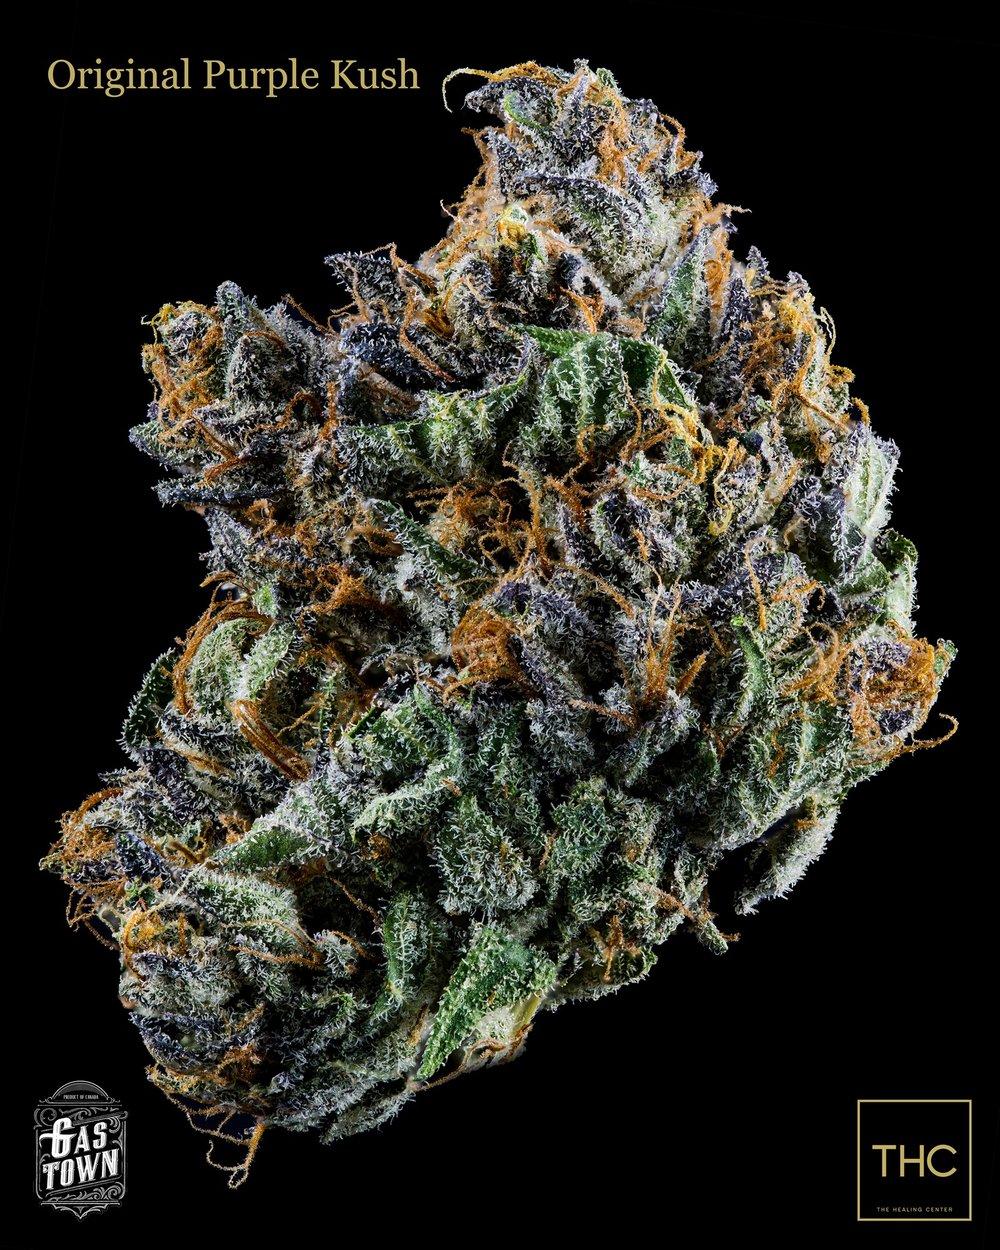 Original Purple Kush Gastown THC.jpg